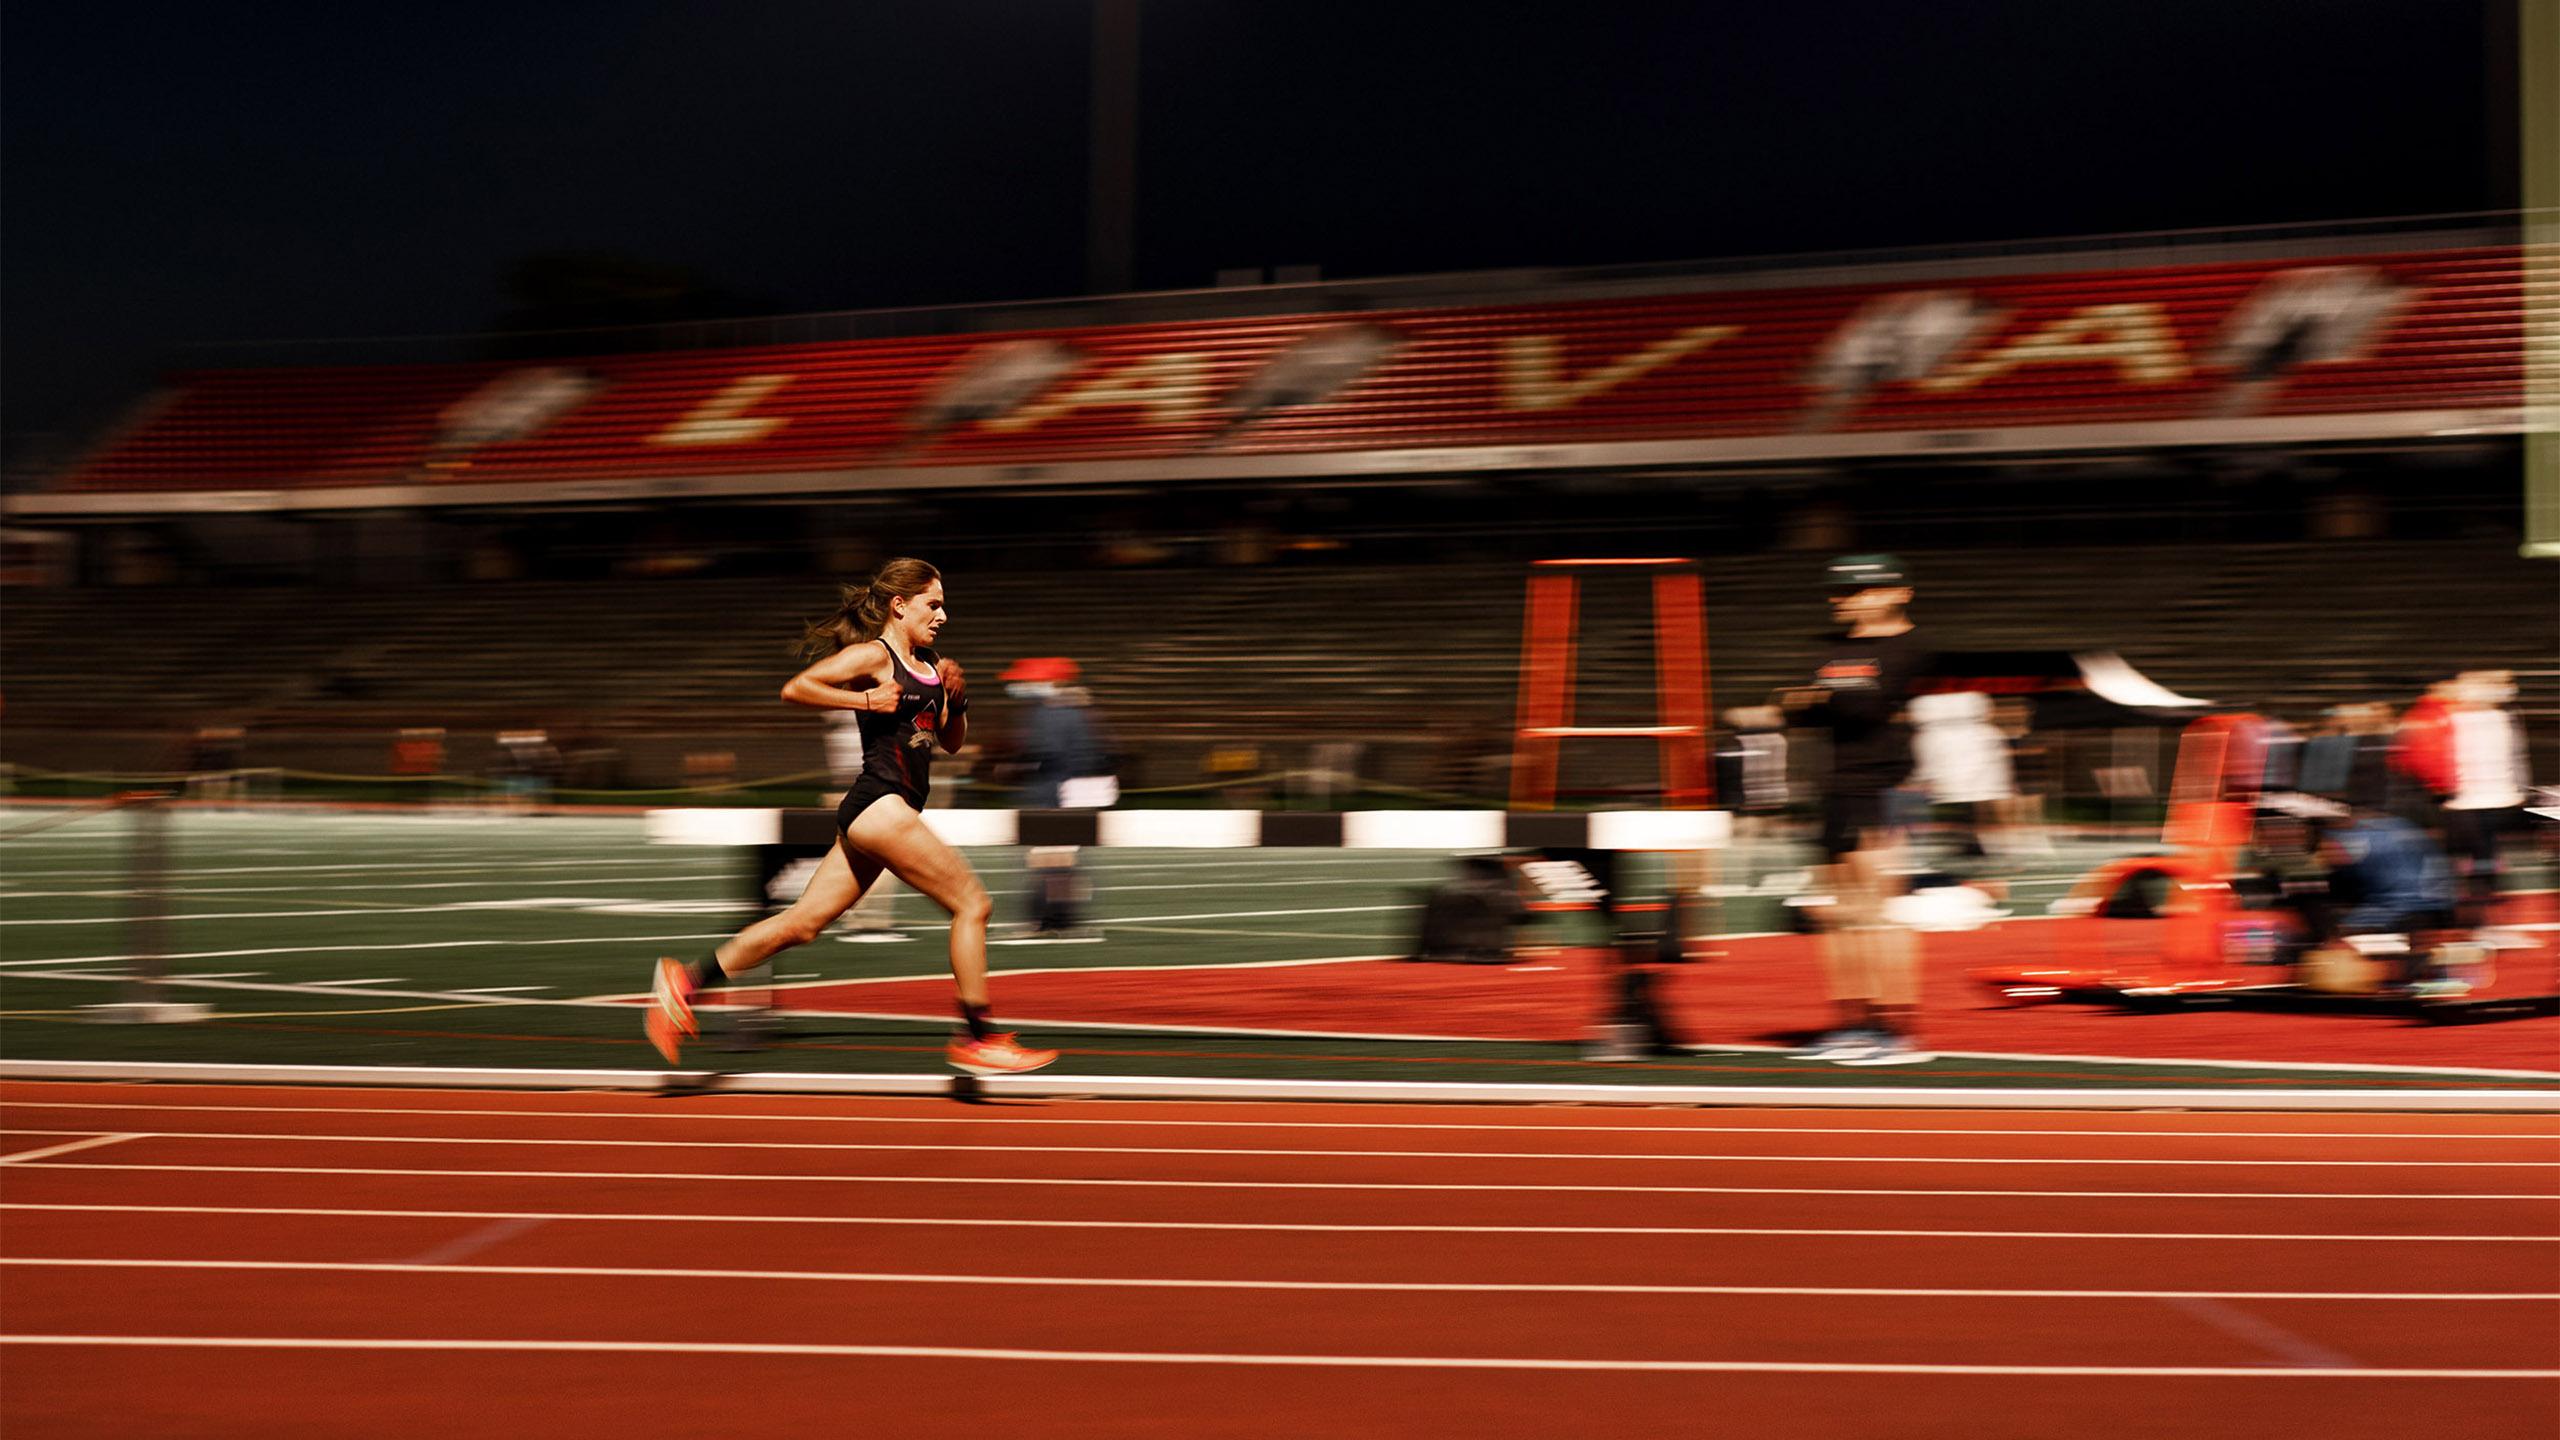 Long exposure runner track